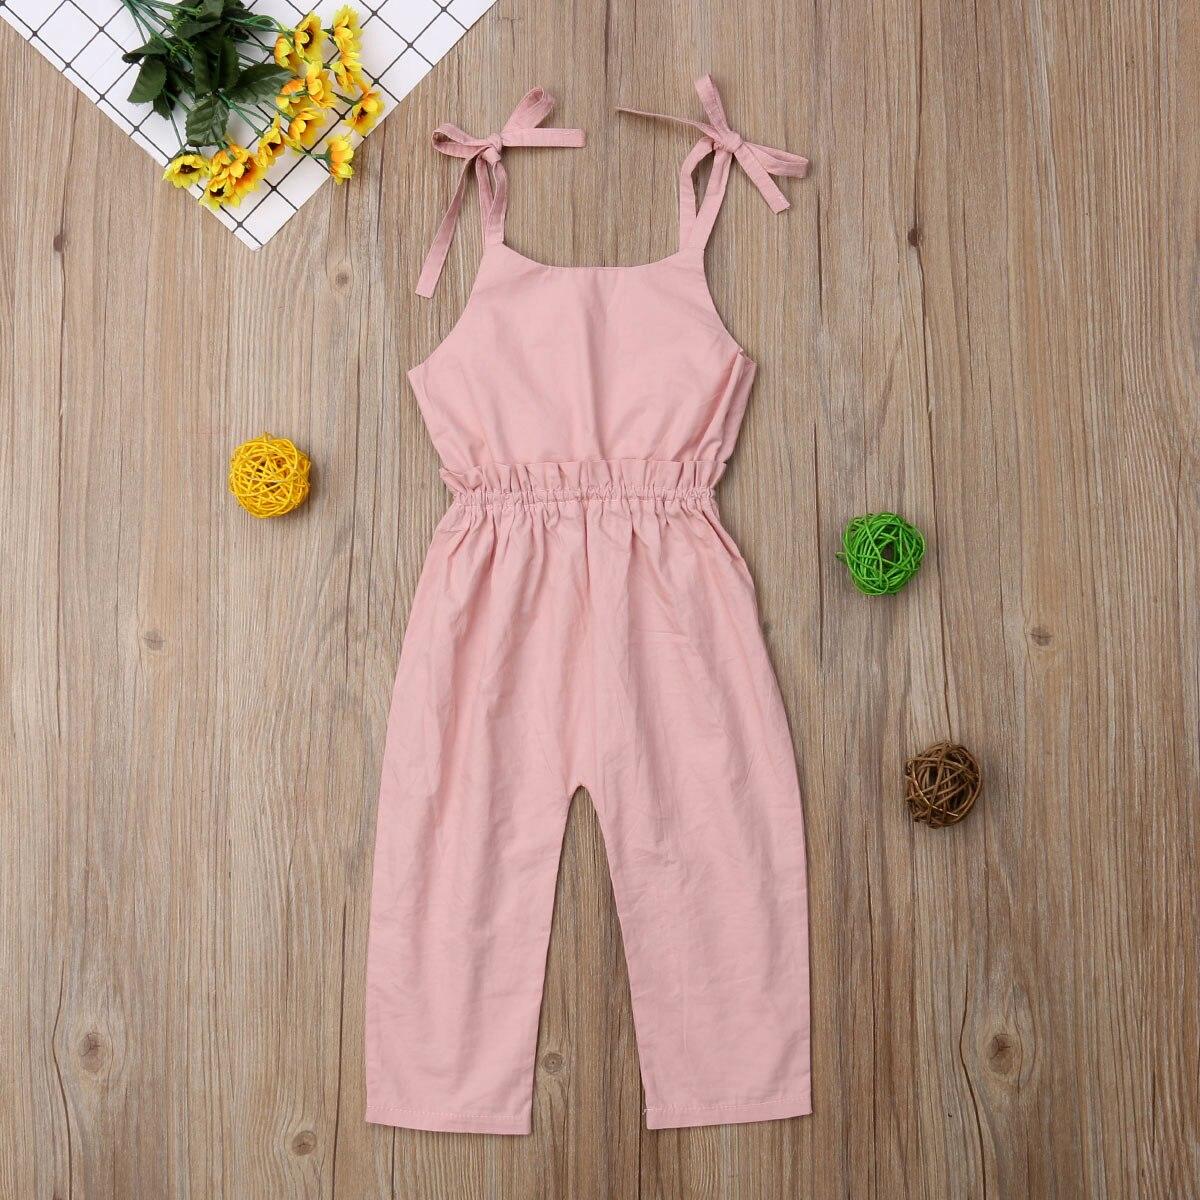 100% Kwaliteit Leuke Kind Baby Meisjes Kleding Katoen Bandjes Romper Overalls Jumpsuit Lange Broek Outfits Maar Toch Niet Vulgair